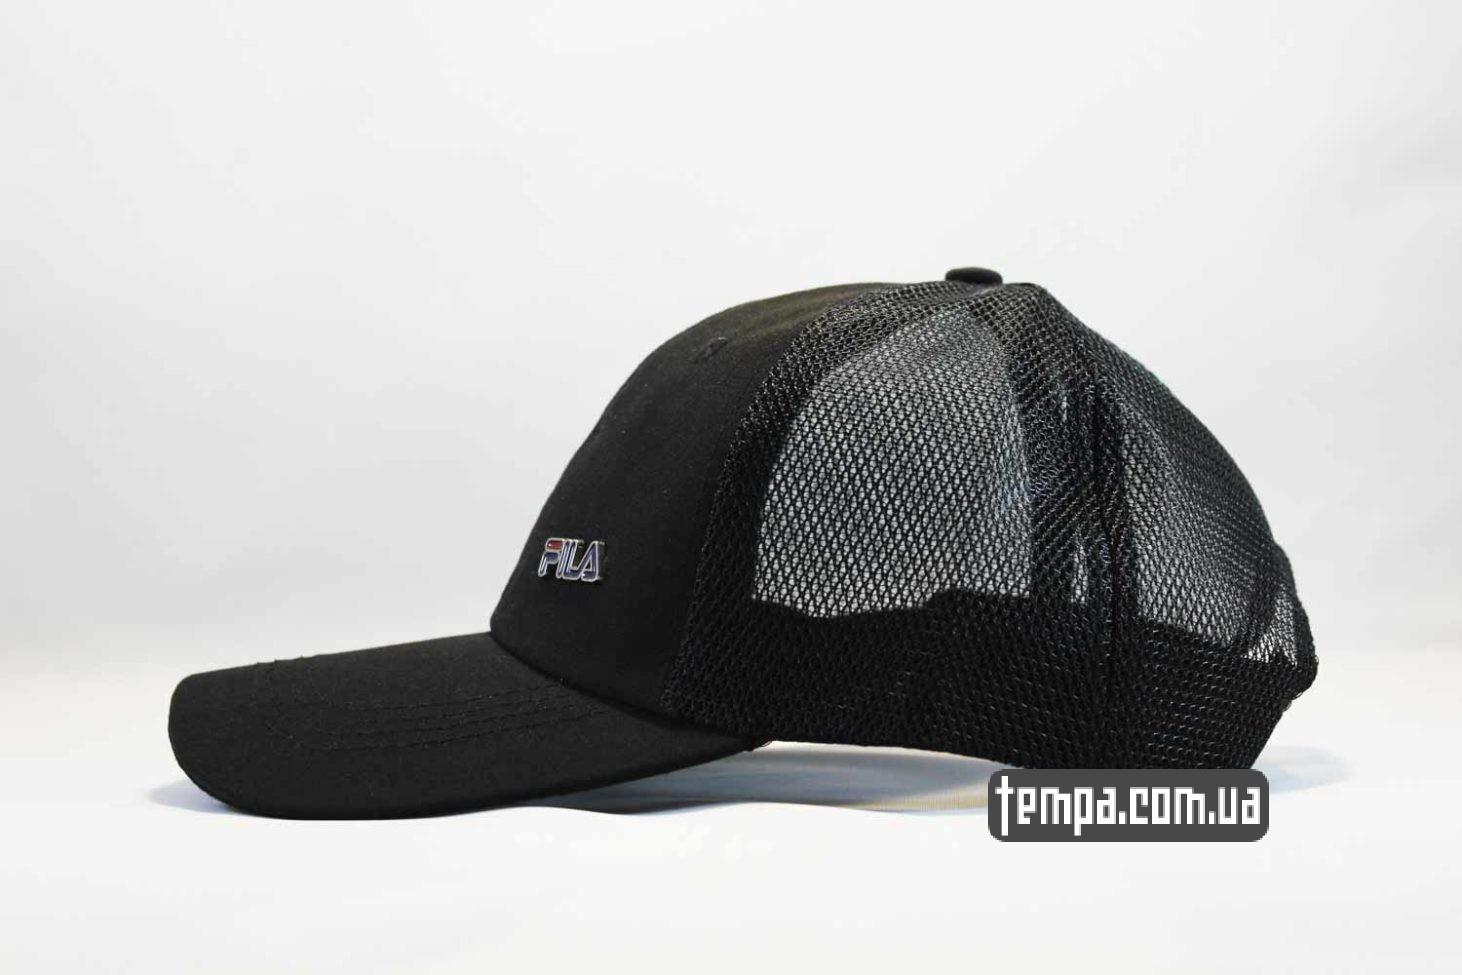 короткий закругленный козырек кепка бейсболка FILA черная black trucker с сеточкой